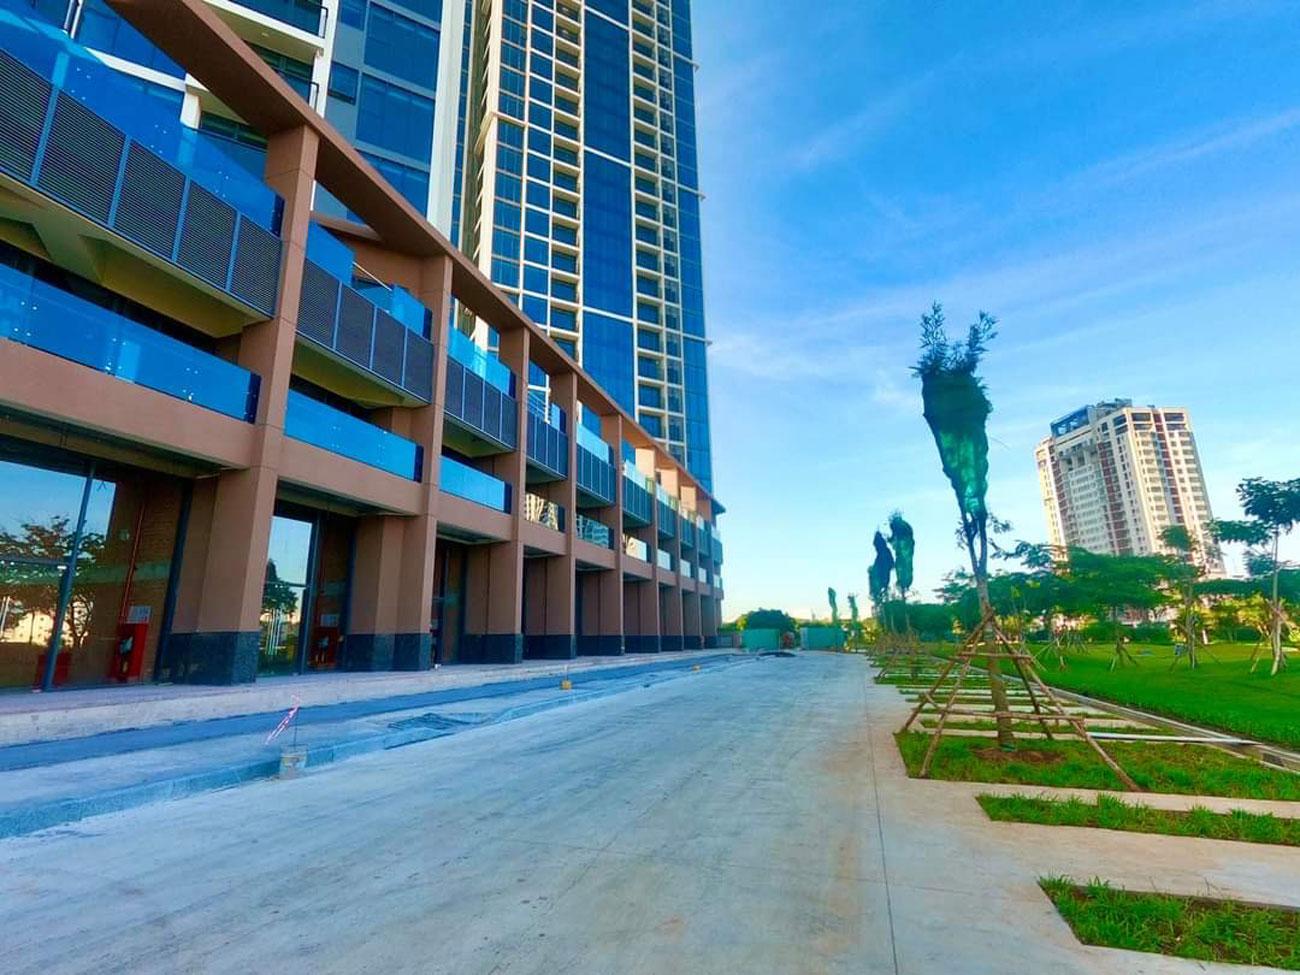 Hình thực tế dãy Shophouse dự án căn hộ chung cư Eco Green Sài Gòn Quận 7 tháng 09/2020